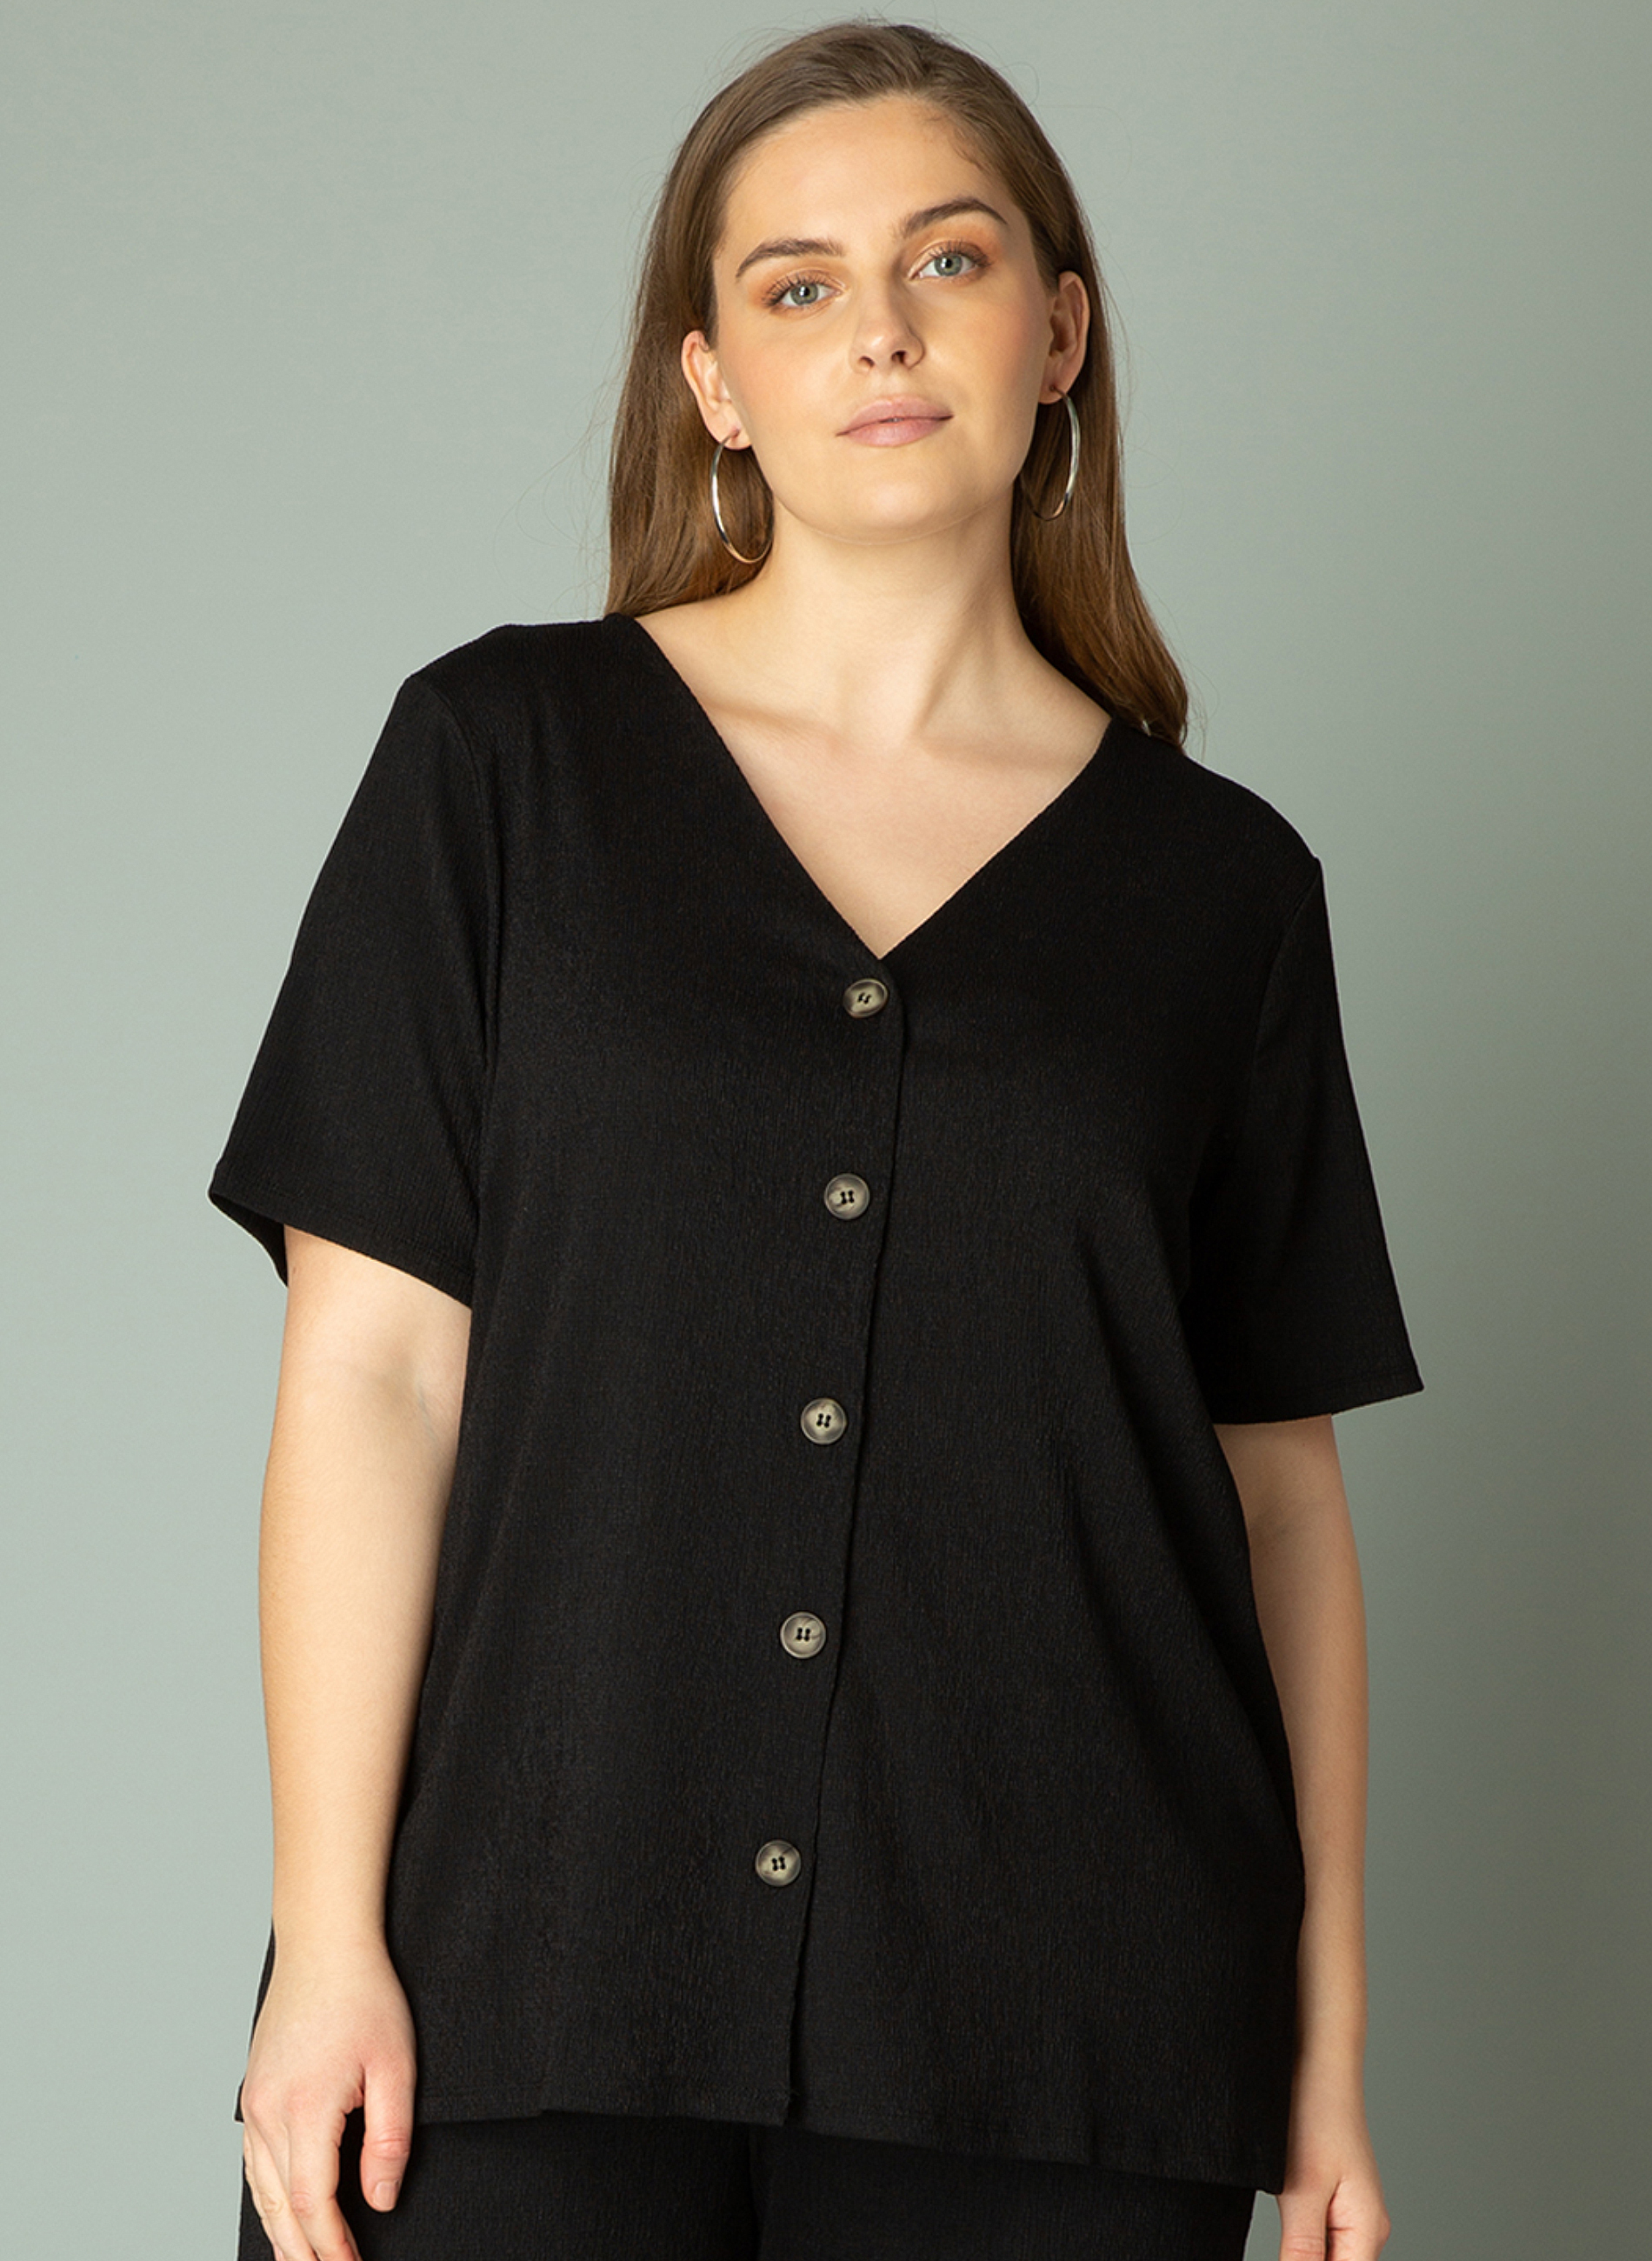 Yesta shirt Jadinya 72 cm